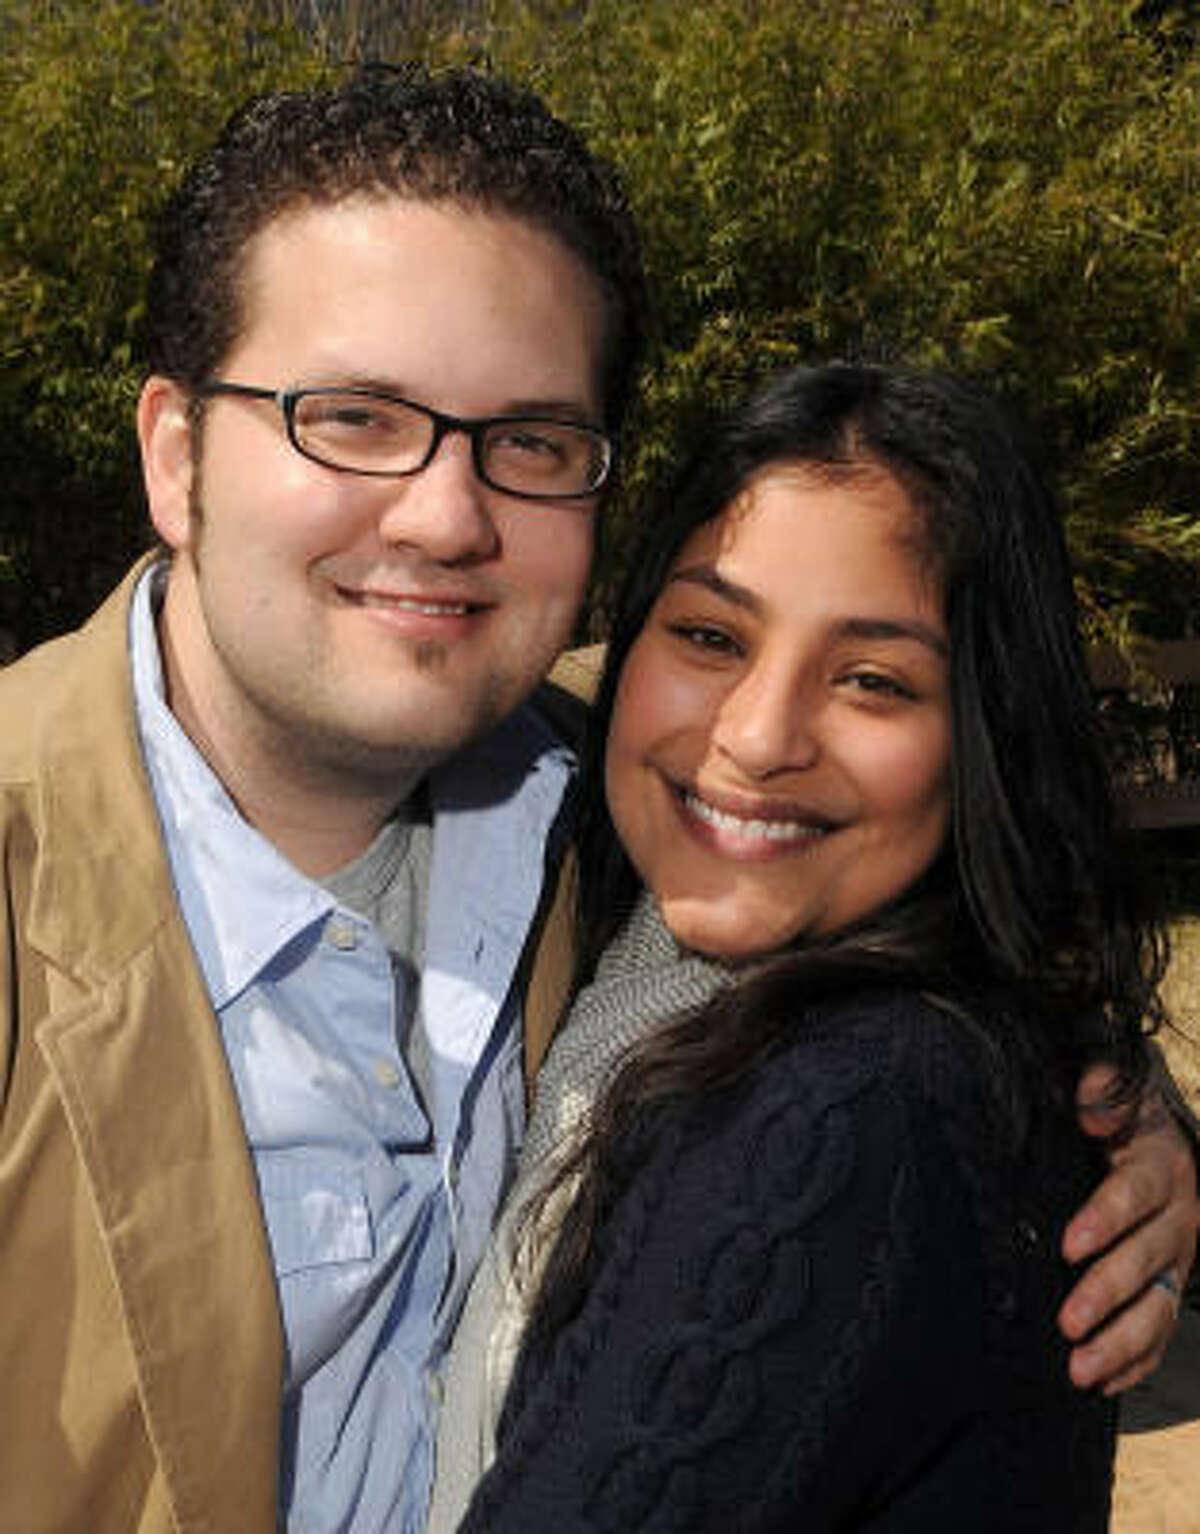 Tony and Angelina Loftin at the Beastly Brunch at the Houston Zoo.